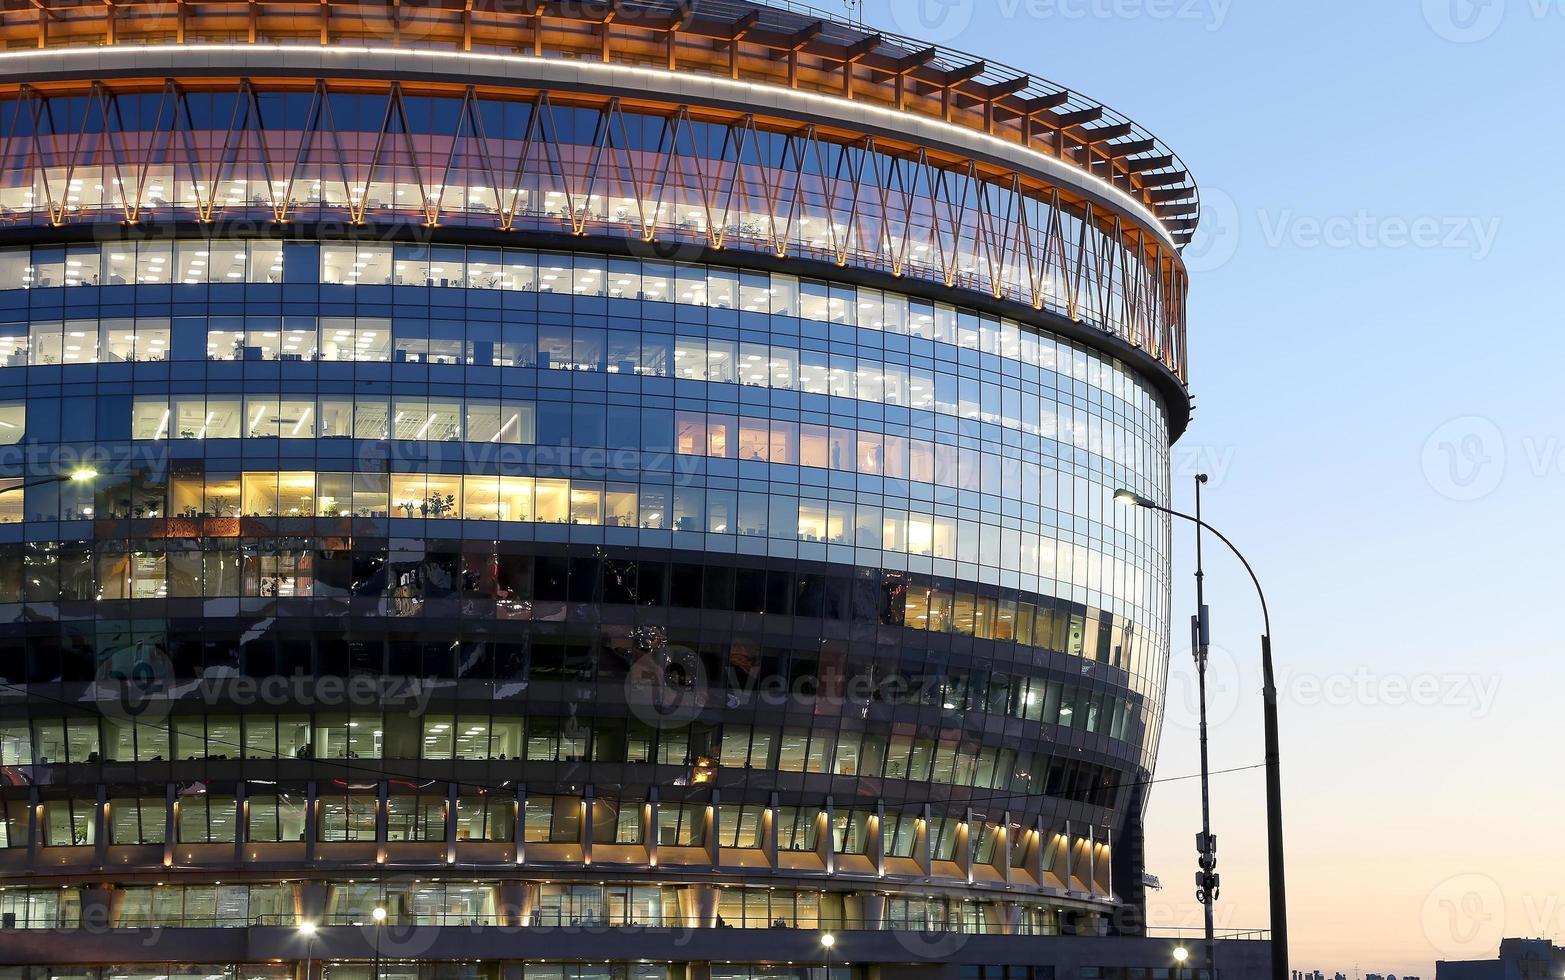 immeuble de bureaux moderne avec de grandes fenêtres la nuit photo